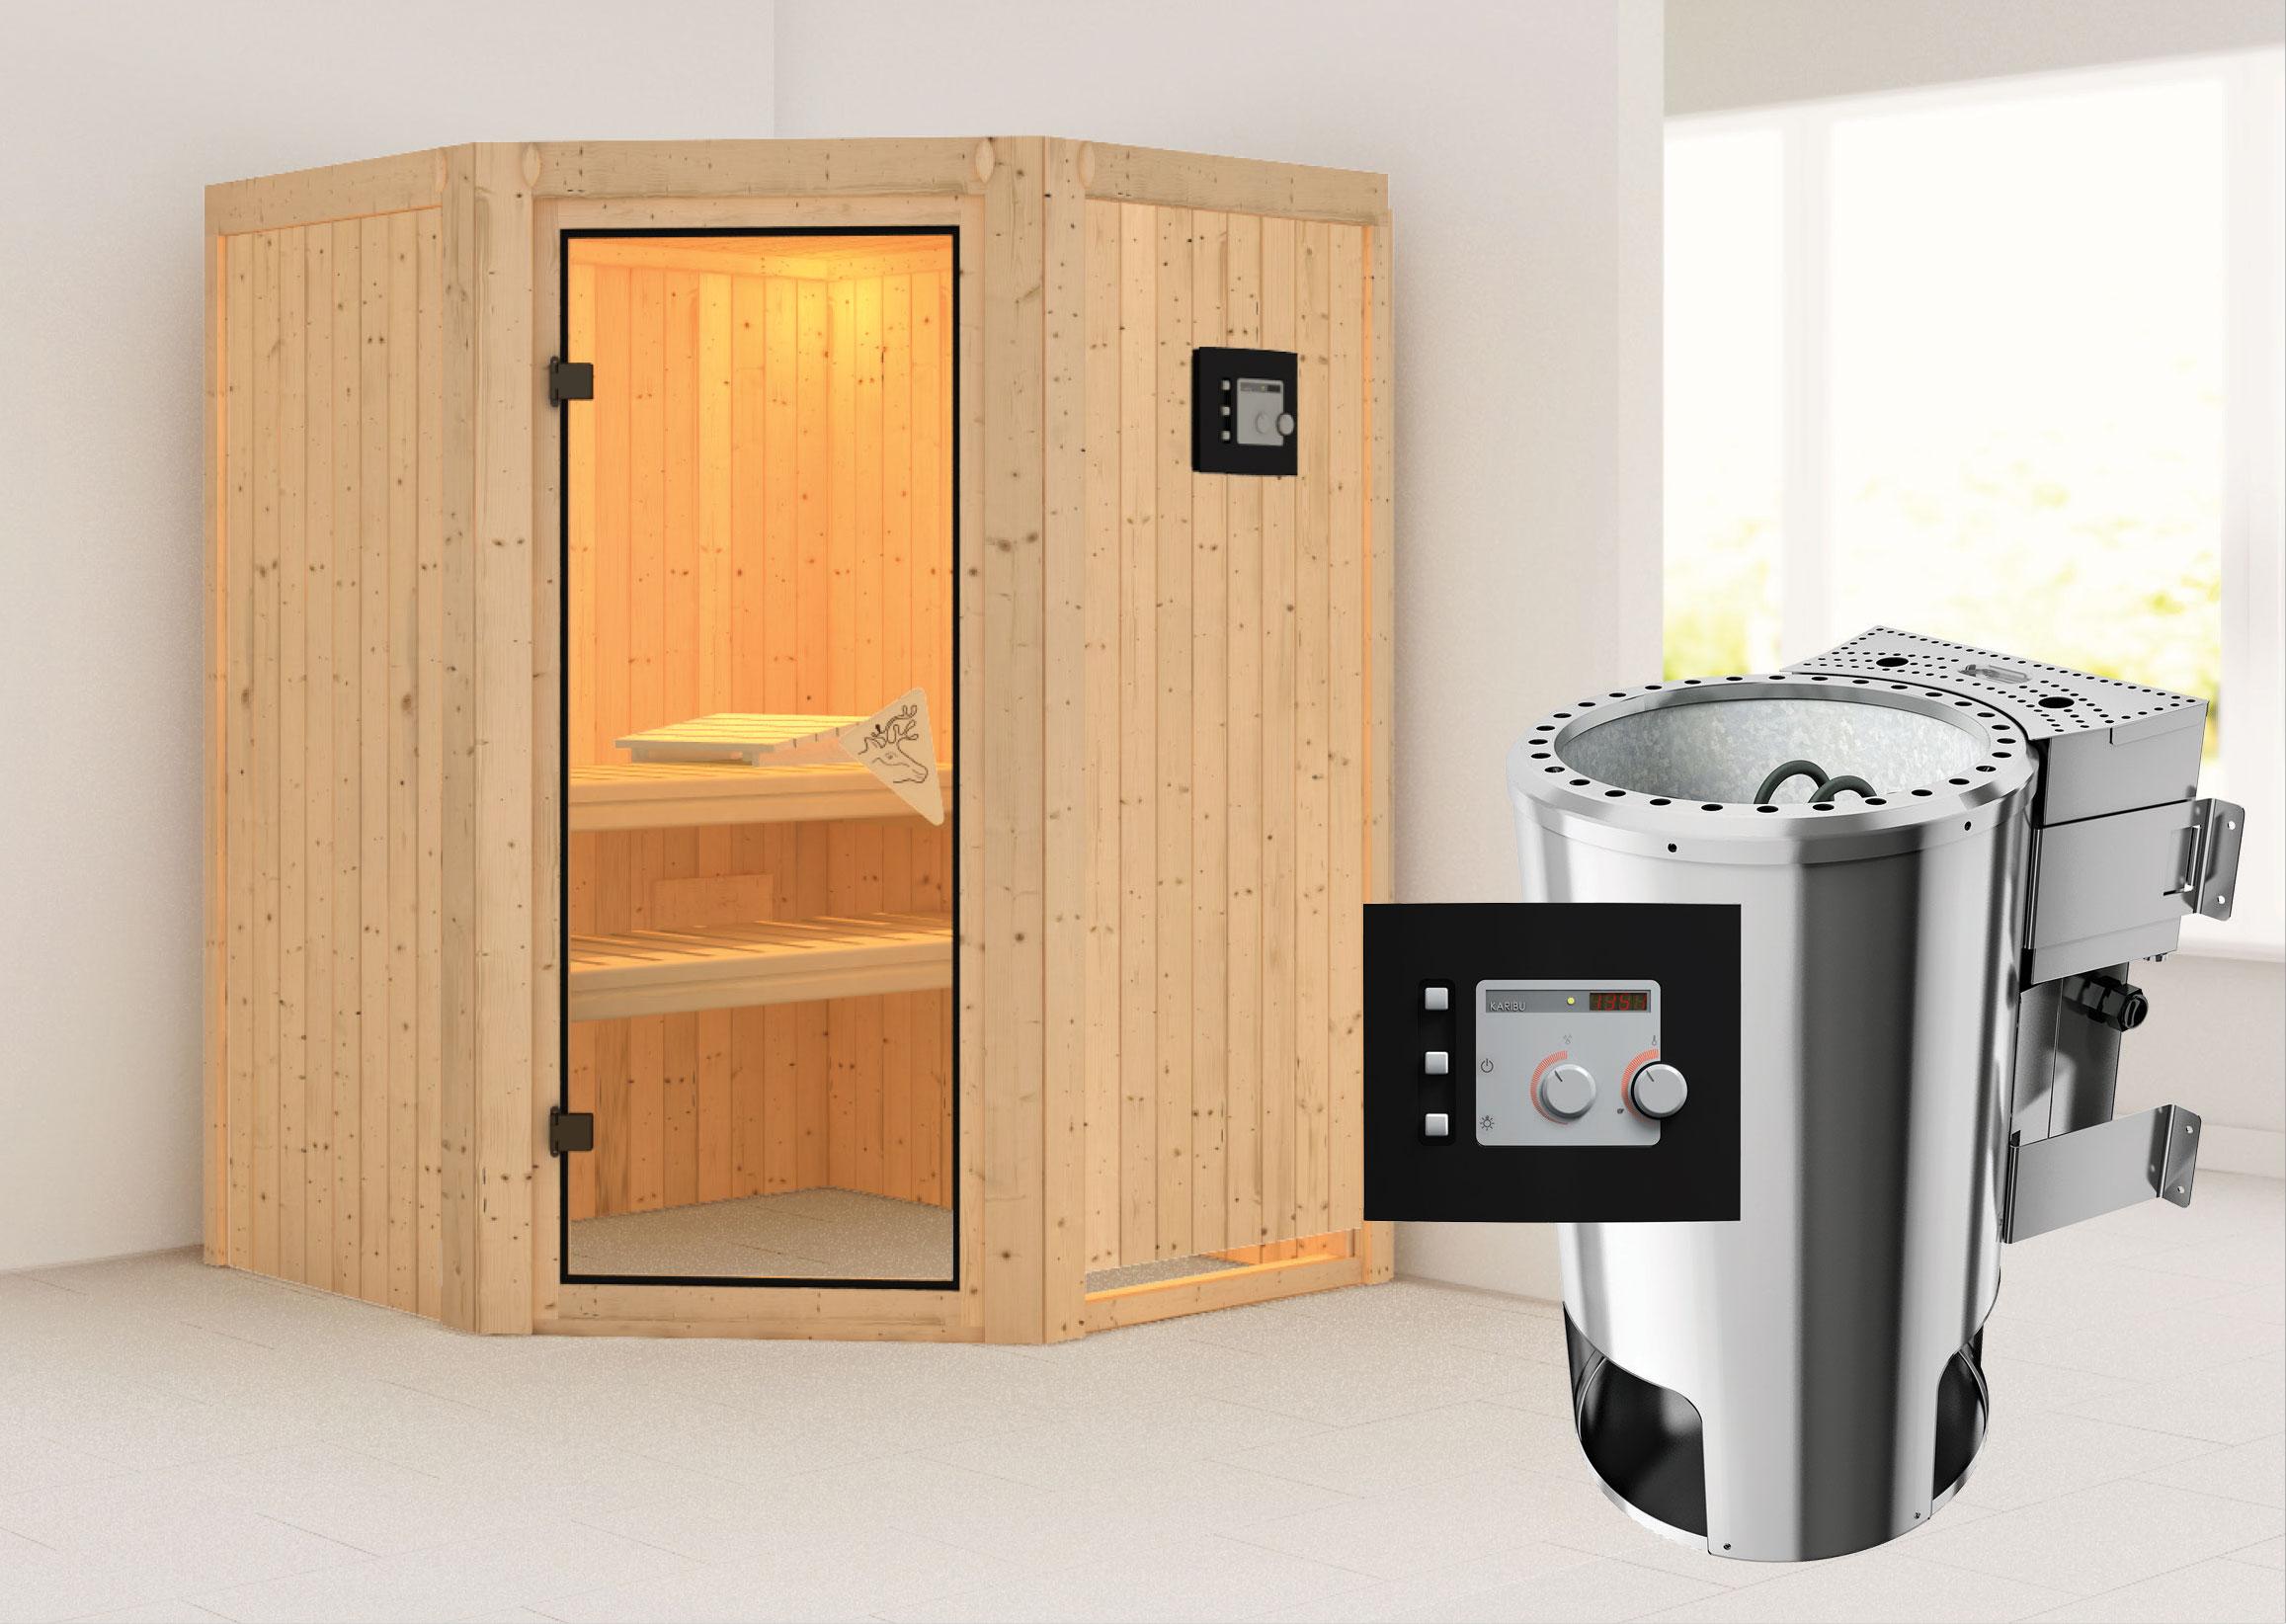 Karibu Sauna Nanja 68mm 230V mit Bio Ofen 3,6kW extern classic Tür Bild 1